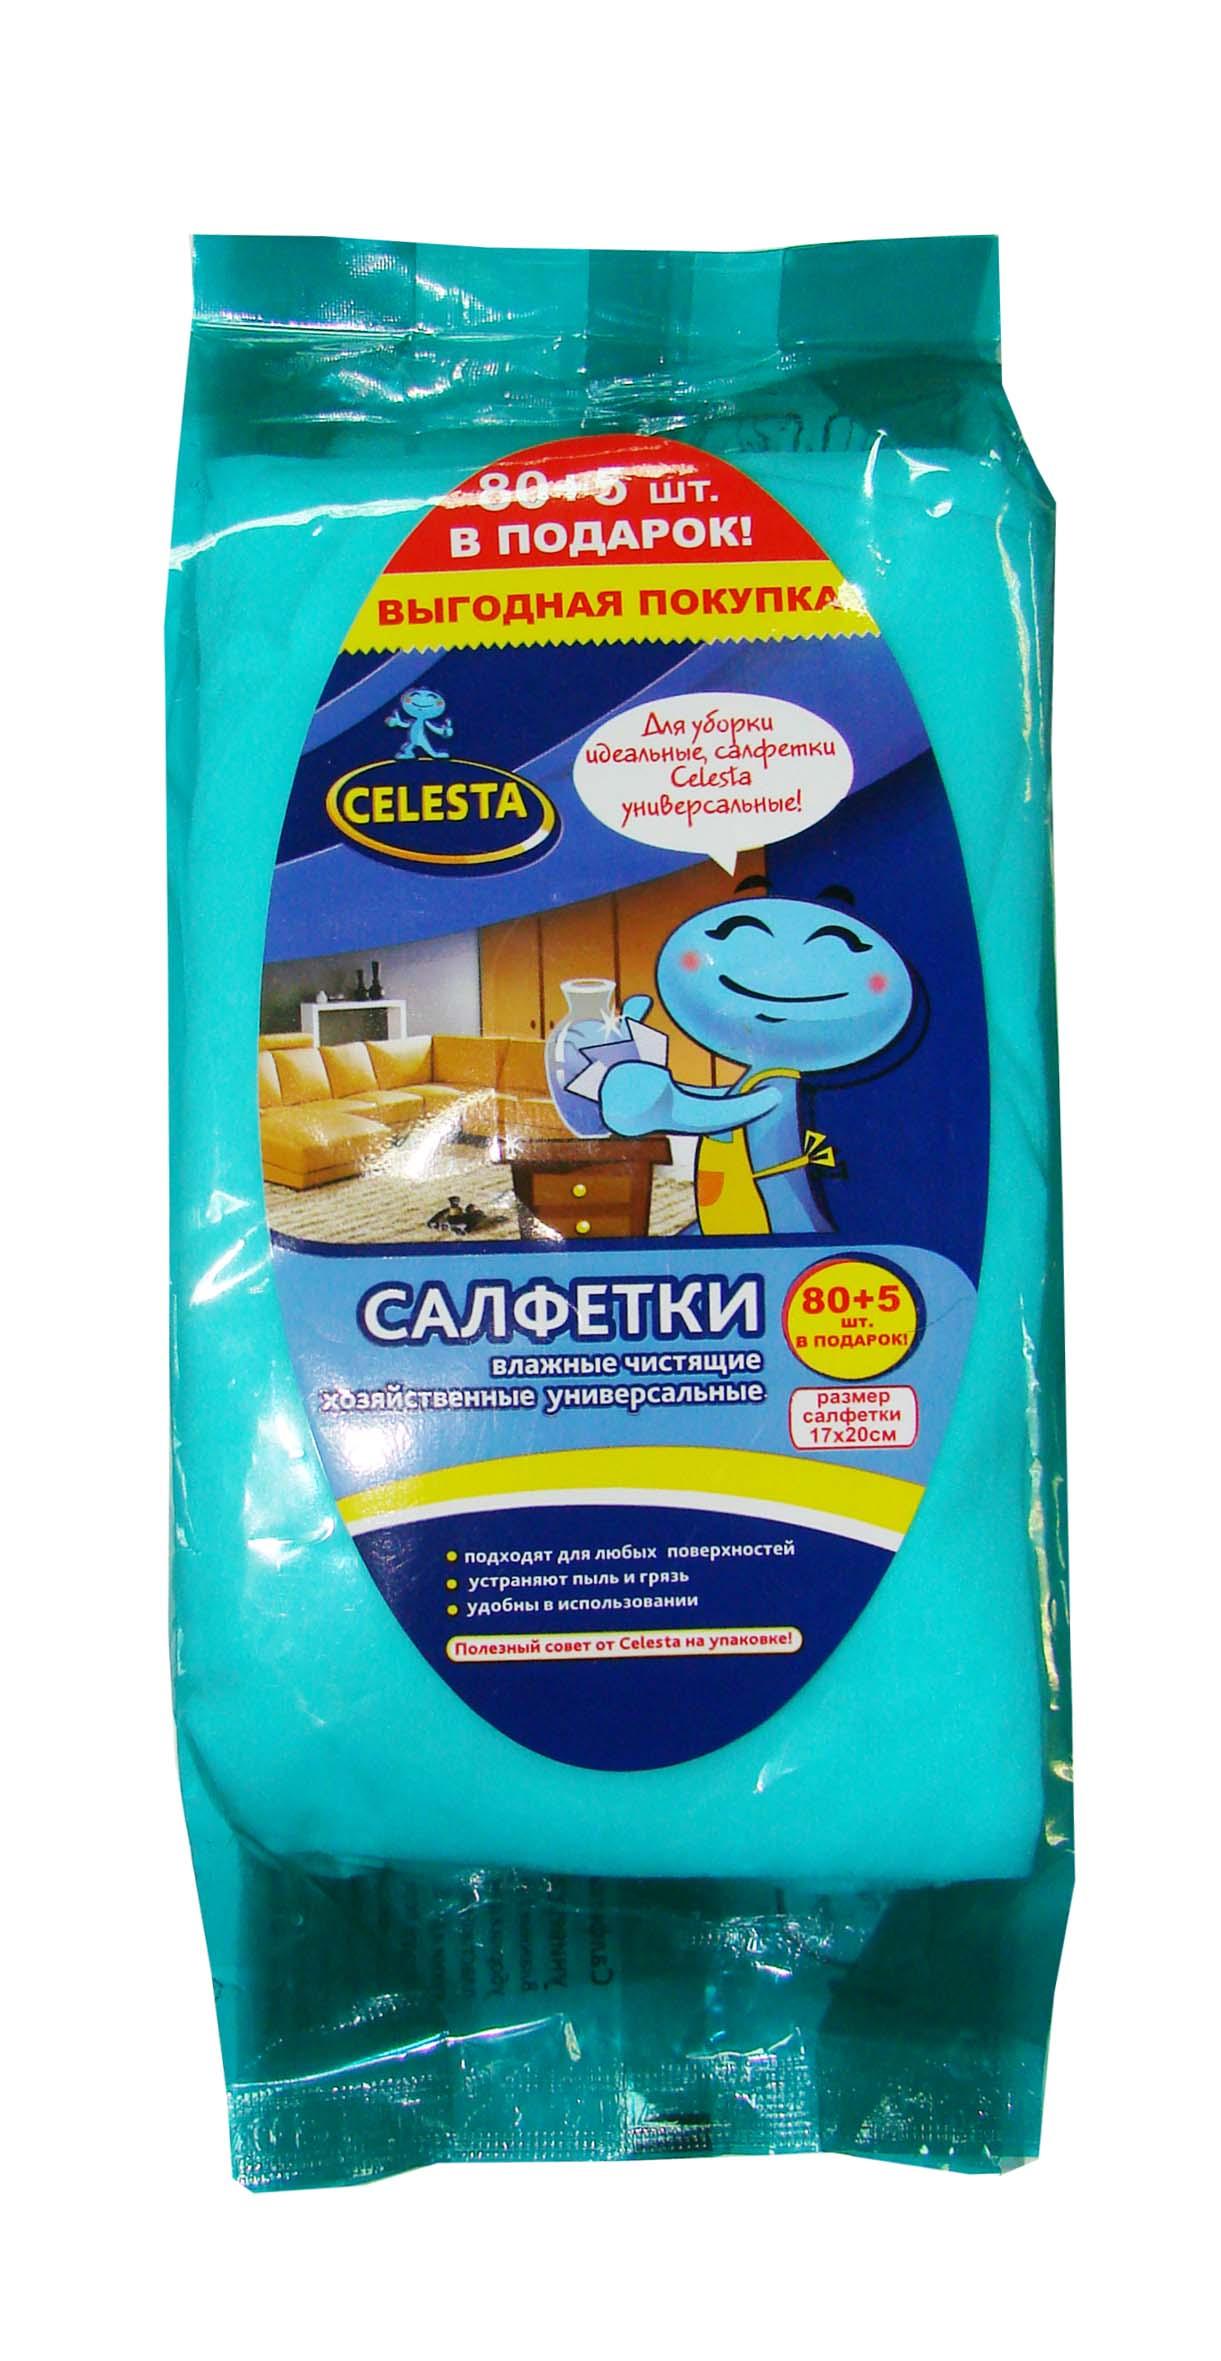 Салфетки влажные Celesta, универсальные, 85 шт5599Влажные хозяйственные салфетки Celesta идеально подходят для быстрой уборки в доме, удобны в применении. Предназначены для очистки пластиковых и деревянных поверхностей, пола, бытовых предметов, кухни. Благодаря специальной формуле пропитки, не оставляют разводов, ворсинок, помогают избавиться от пыли и различных загрязнений. Пропитывающий состав безопасен для кожи рук. Размер салфетки: 17 см х 20 см. Состав: нетканое полотно, пропитывающий лосьон.